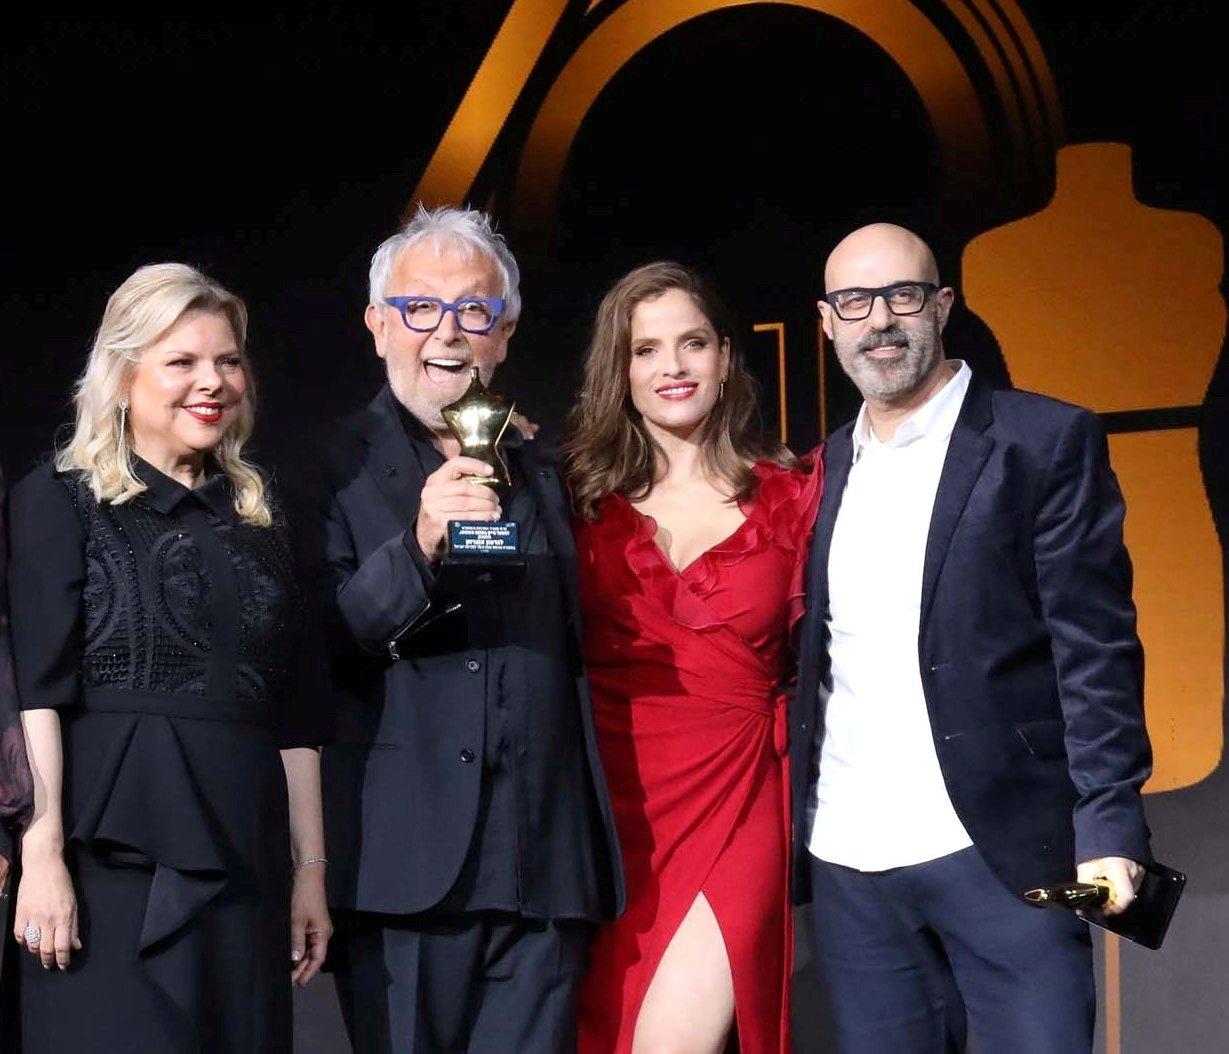 גדעון אוברזון עם הפסלון ביחד עם מירי רגב, שרה נתניהו ורונן חן